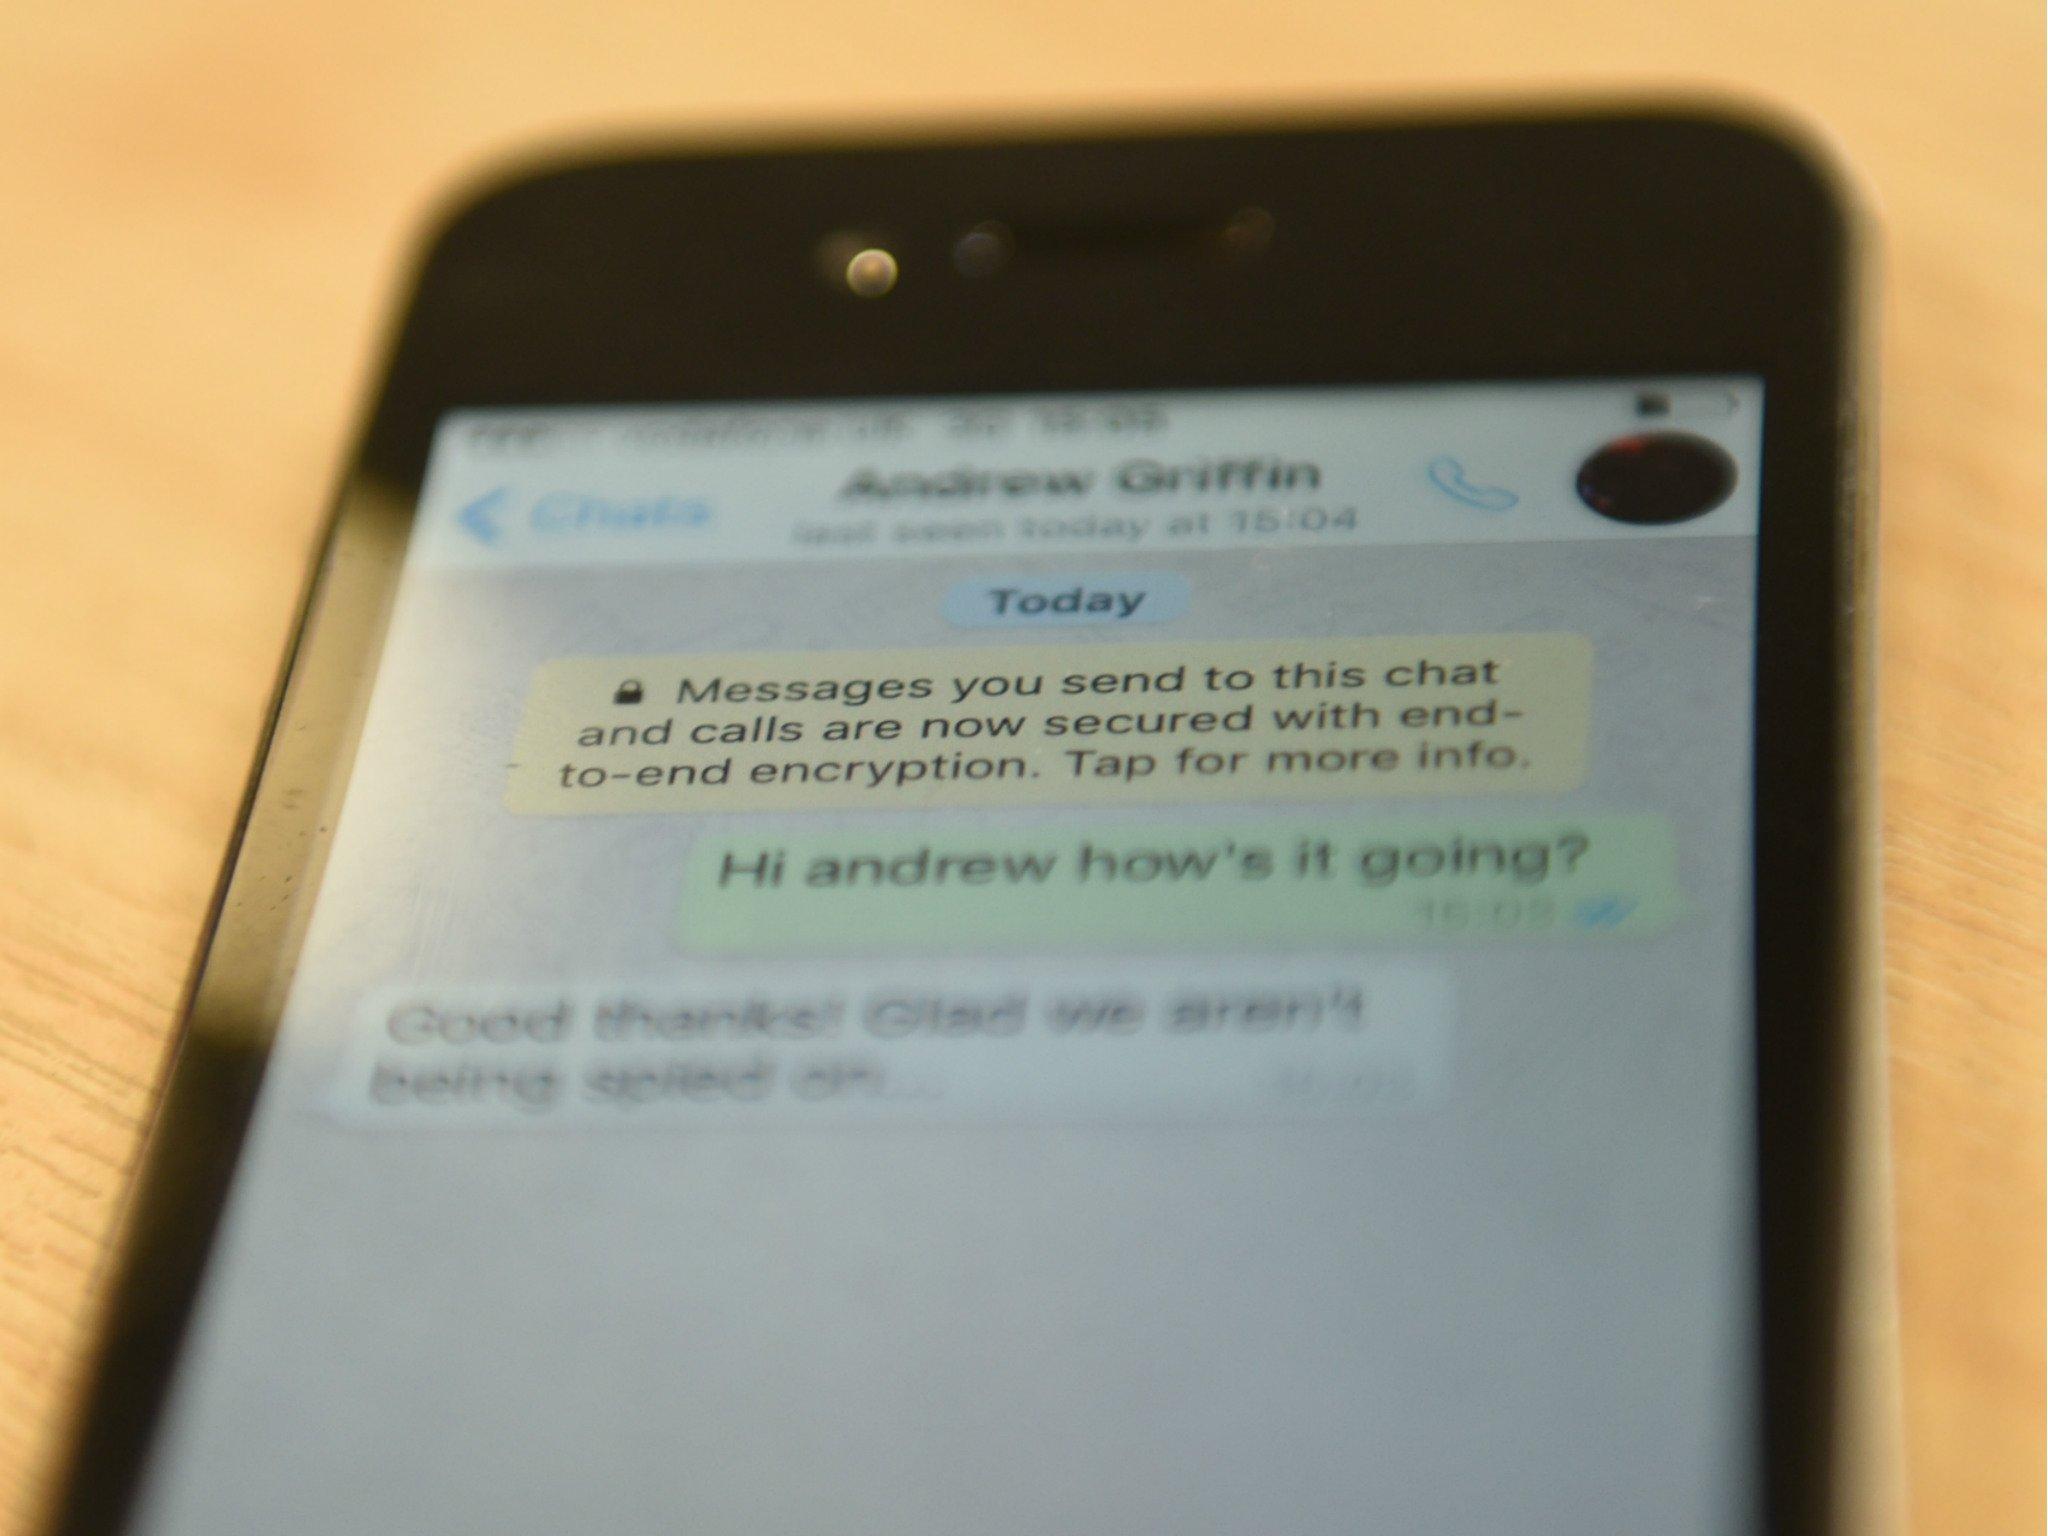 یو اے ای ٹیلی کمیونیکشن ریگولیٹری اتھاریٹی نے صارفین کو ایم ایس ایم کے ذریعہ حاصل ہونے والے لنکس بھی اوپن  کرنے سے گریز کرنے کا مشورہ دیاہے۔